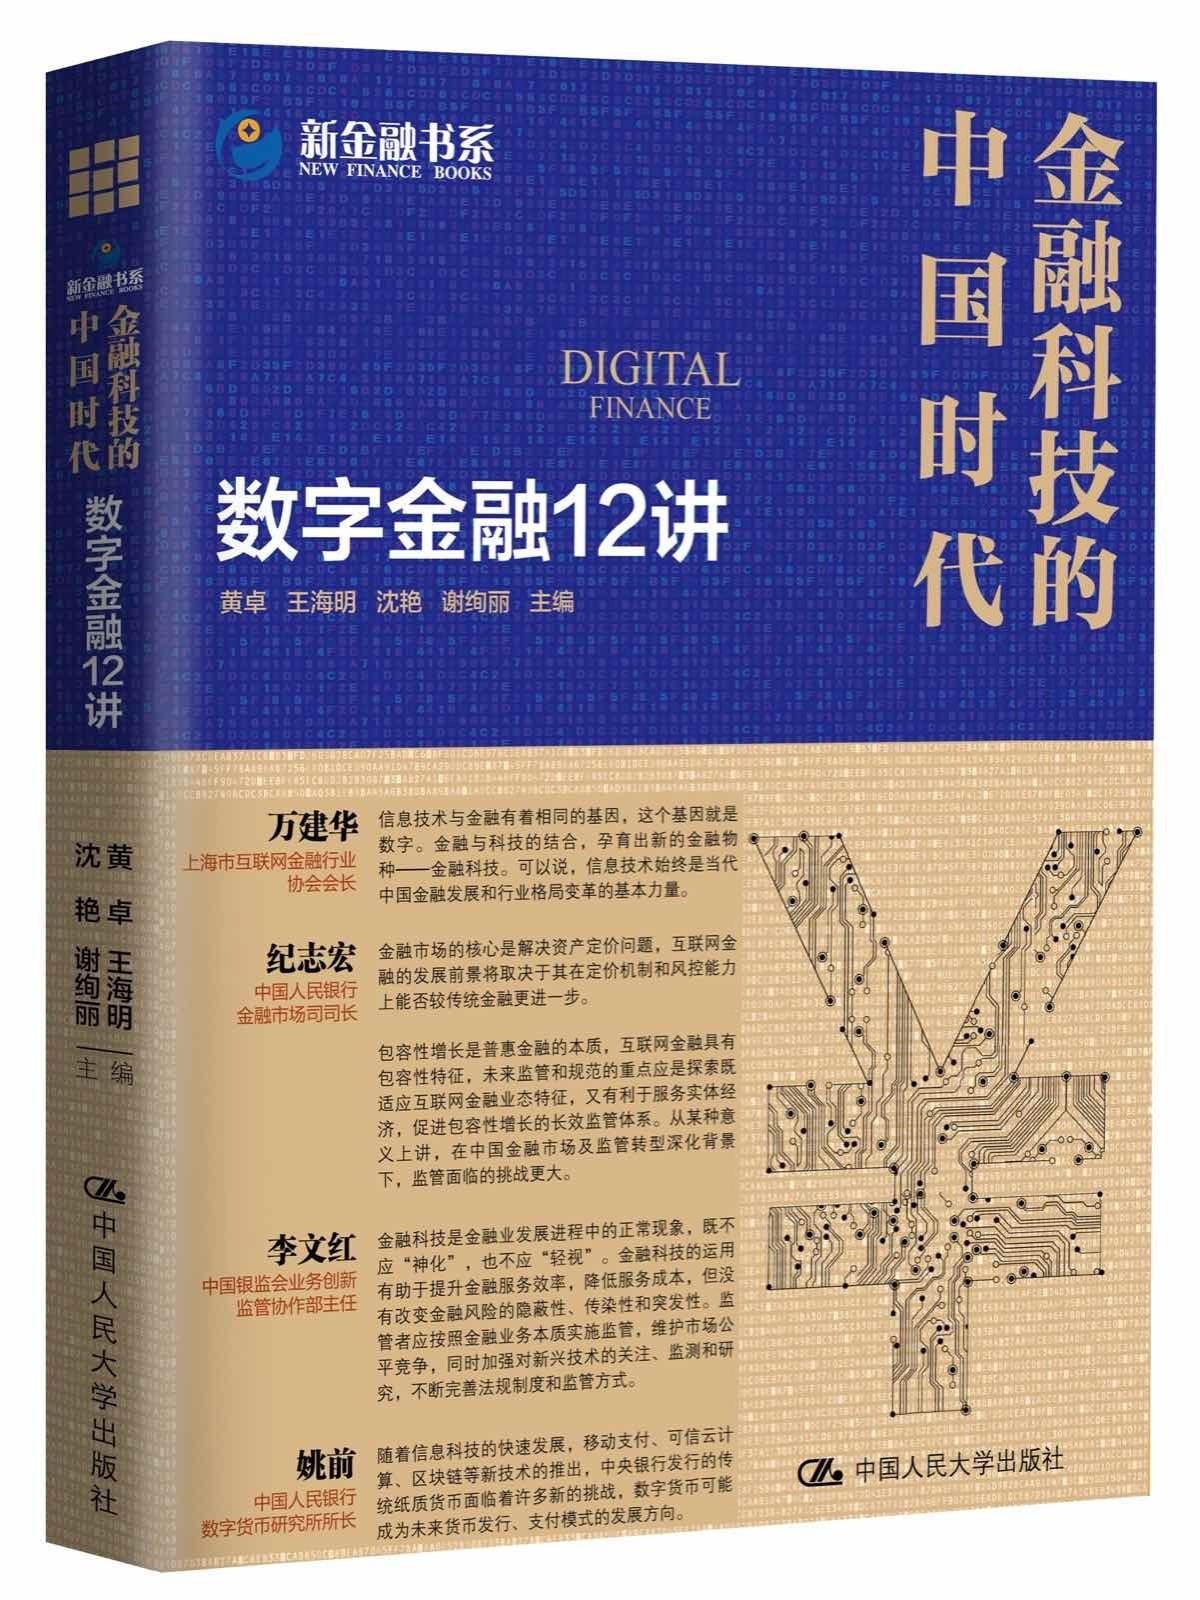 央行姚前:中国法定数字货币的构建思路数字金融12讲